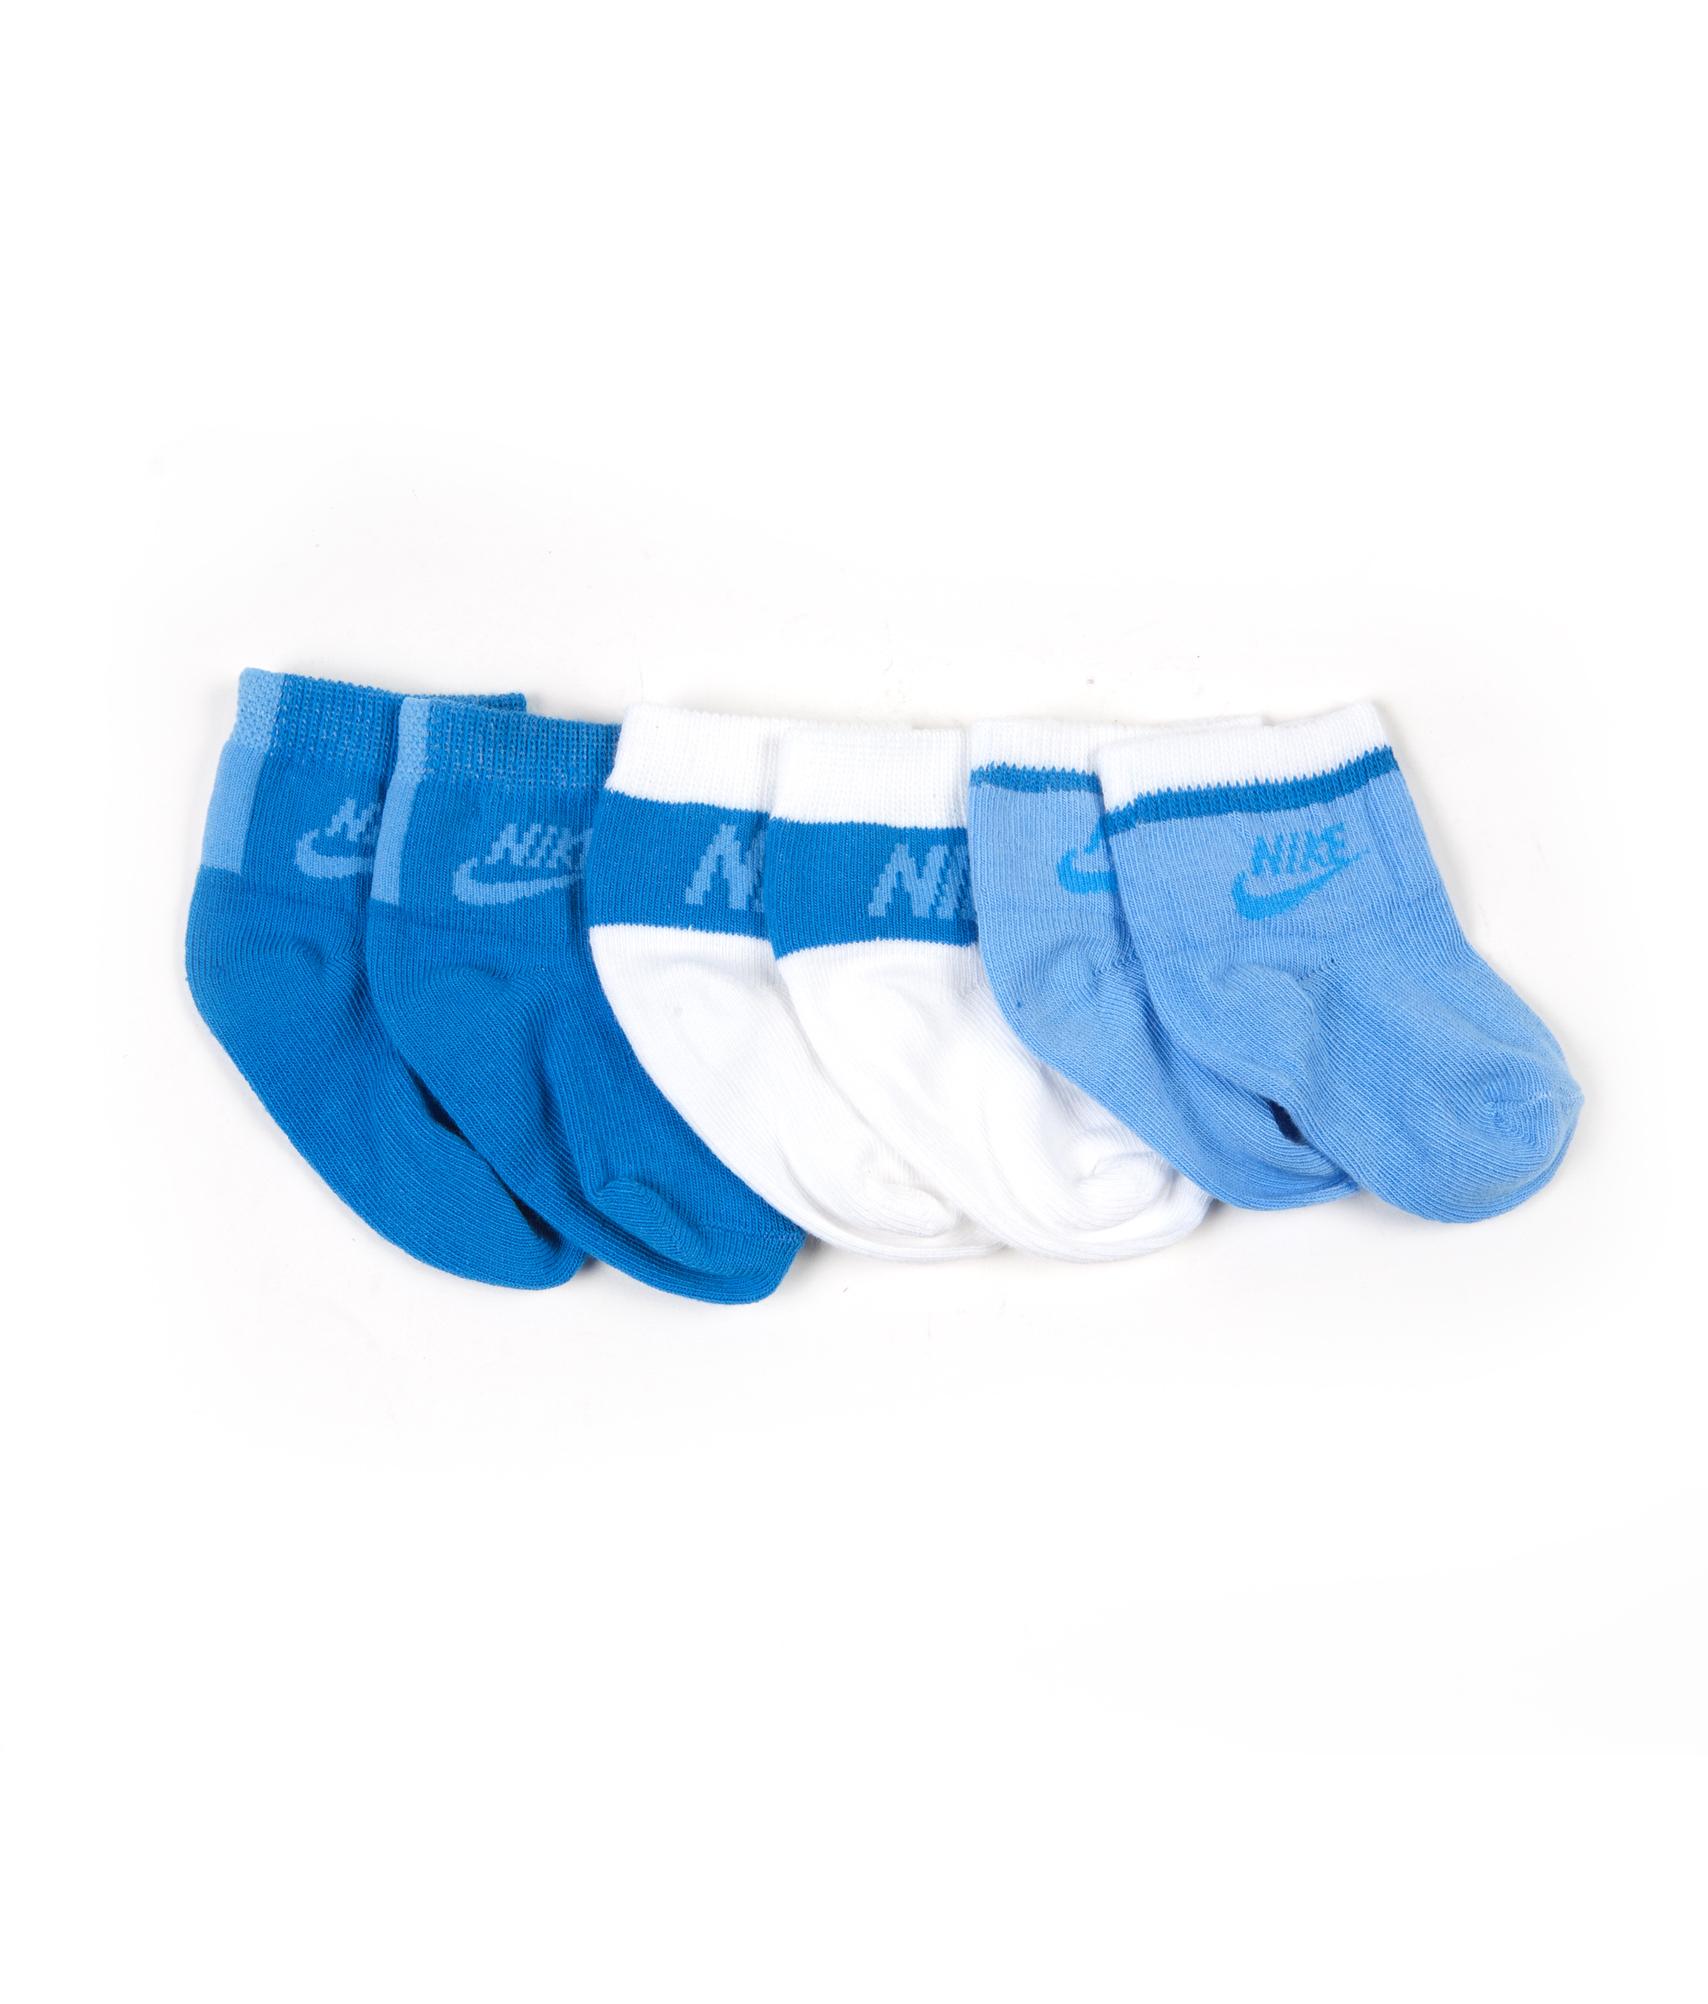 Носки детские, Цвет-Сине-Бело-Голубой, Размер-M